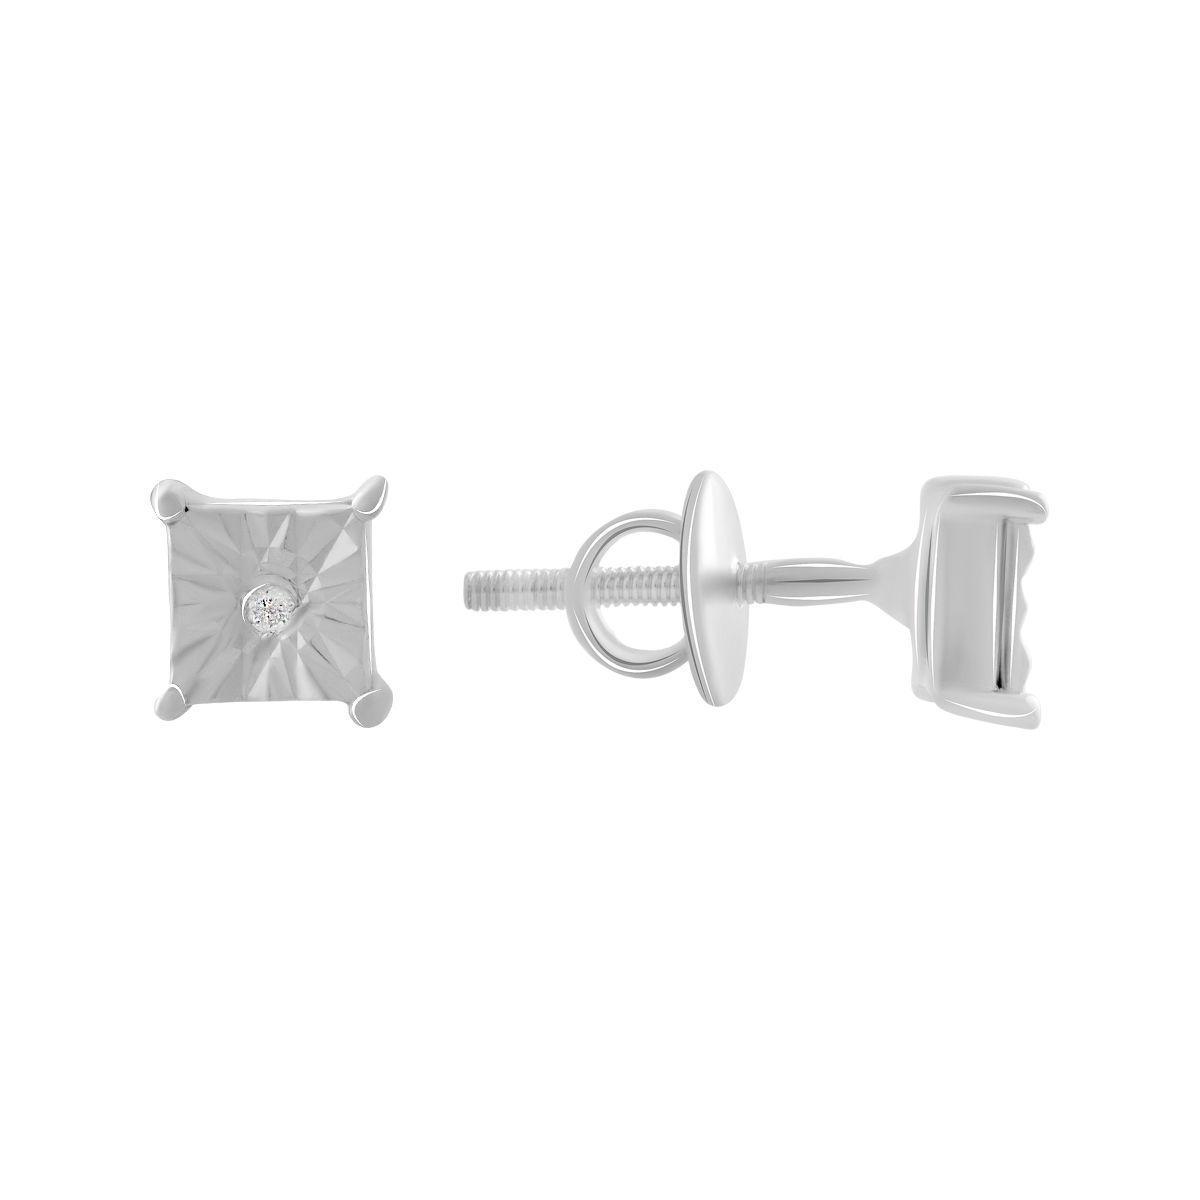 Срібні сережки pSilverAlex з натуральними діамантами 0.02 ct (2070900)